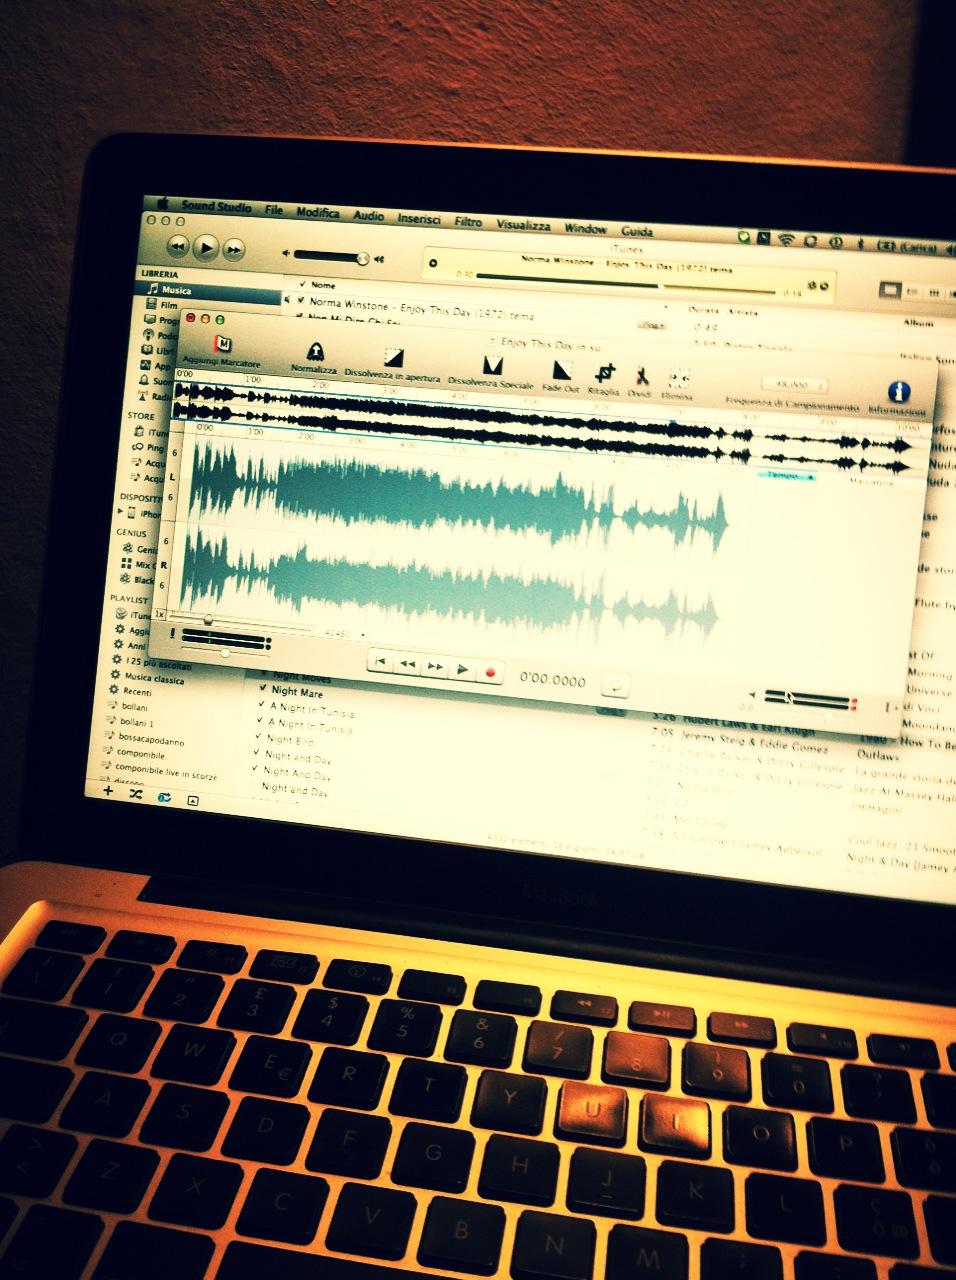 Verifica! Editing with Alberto Igne at Sphera Studio - Gaiarine (TV)